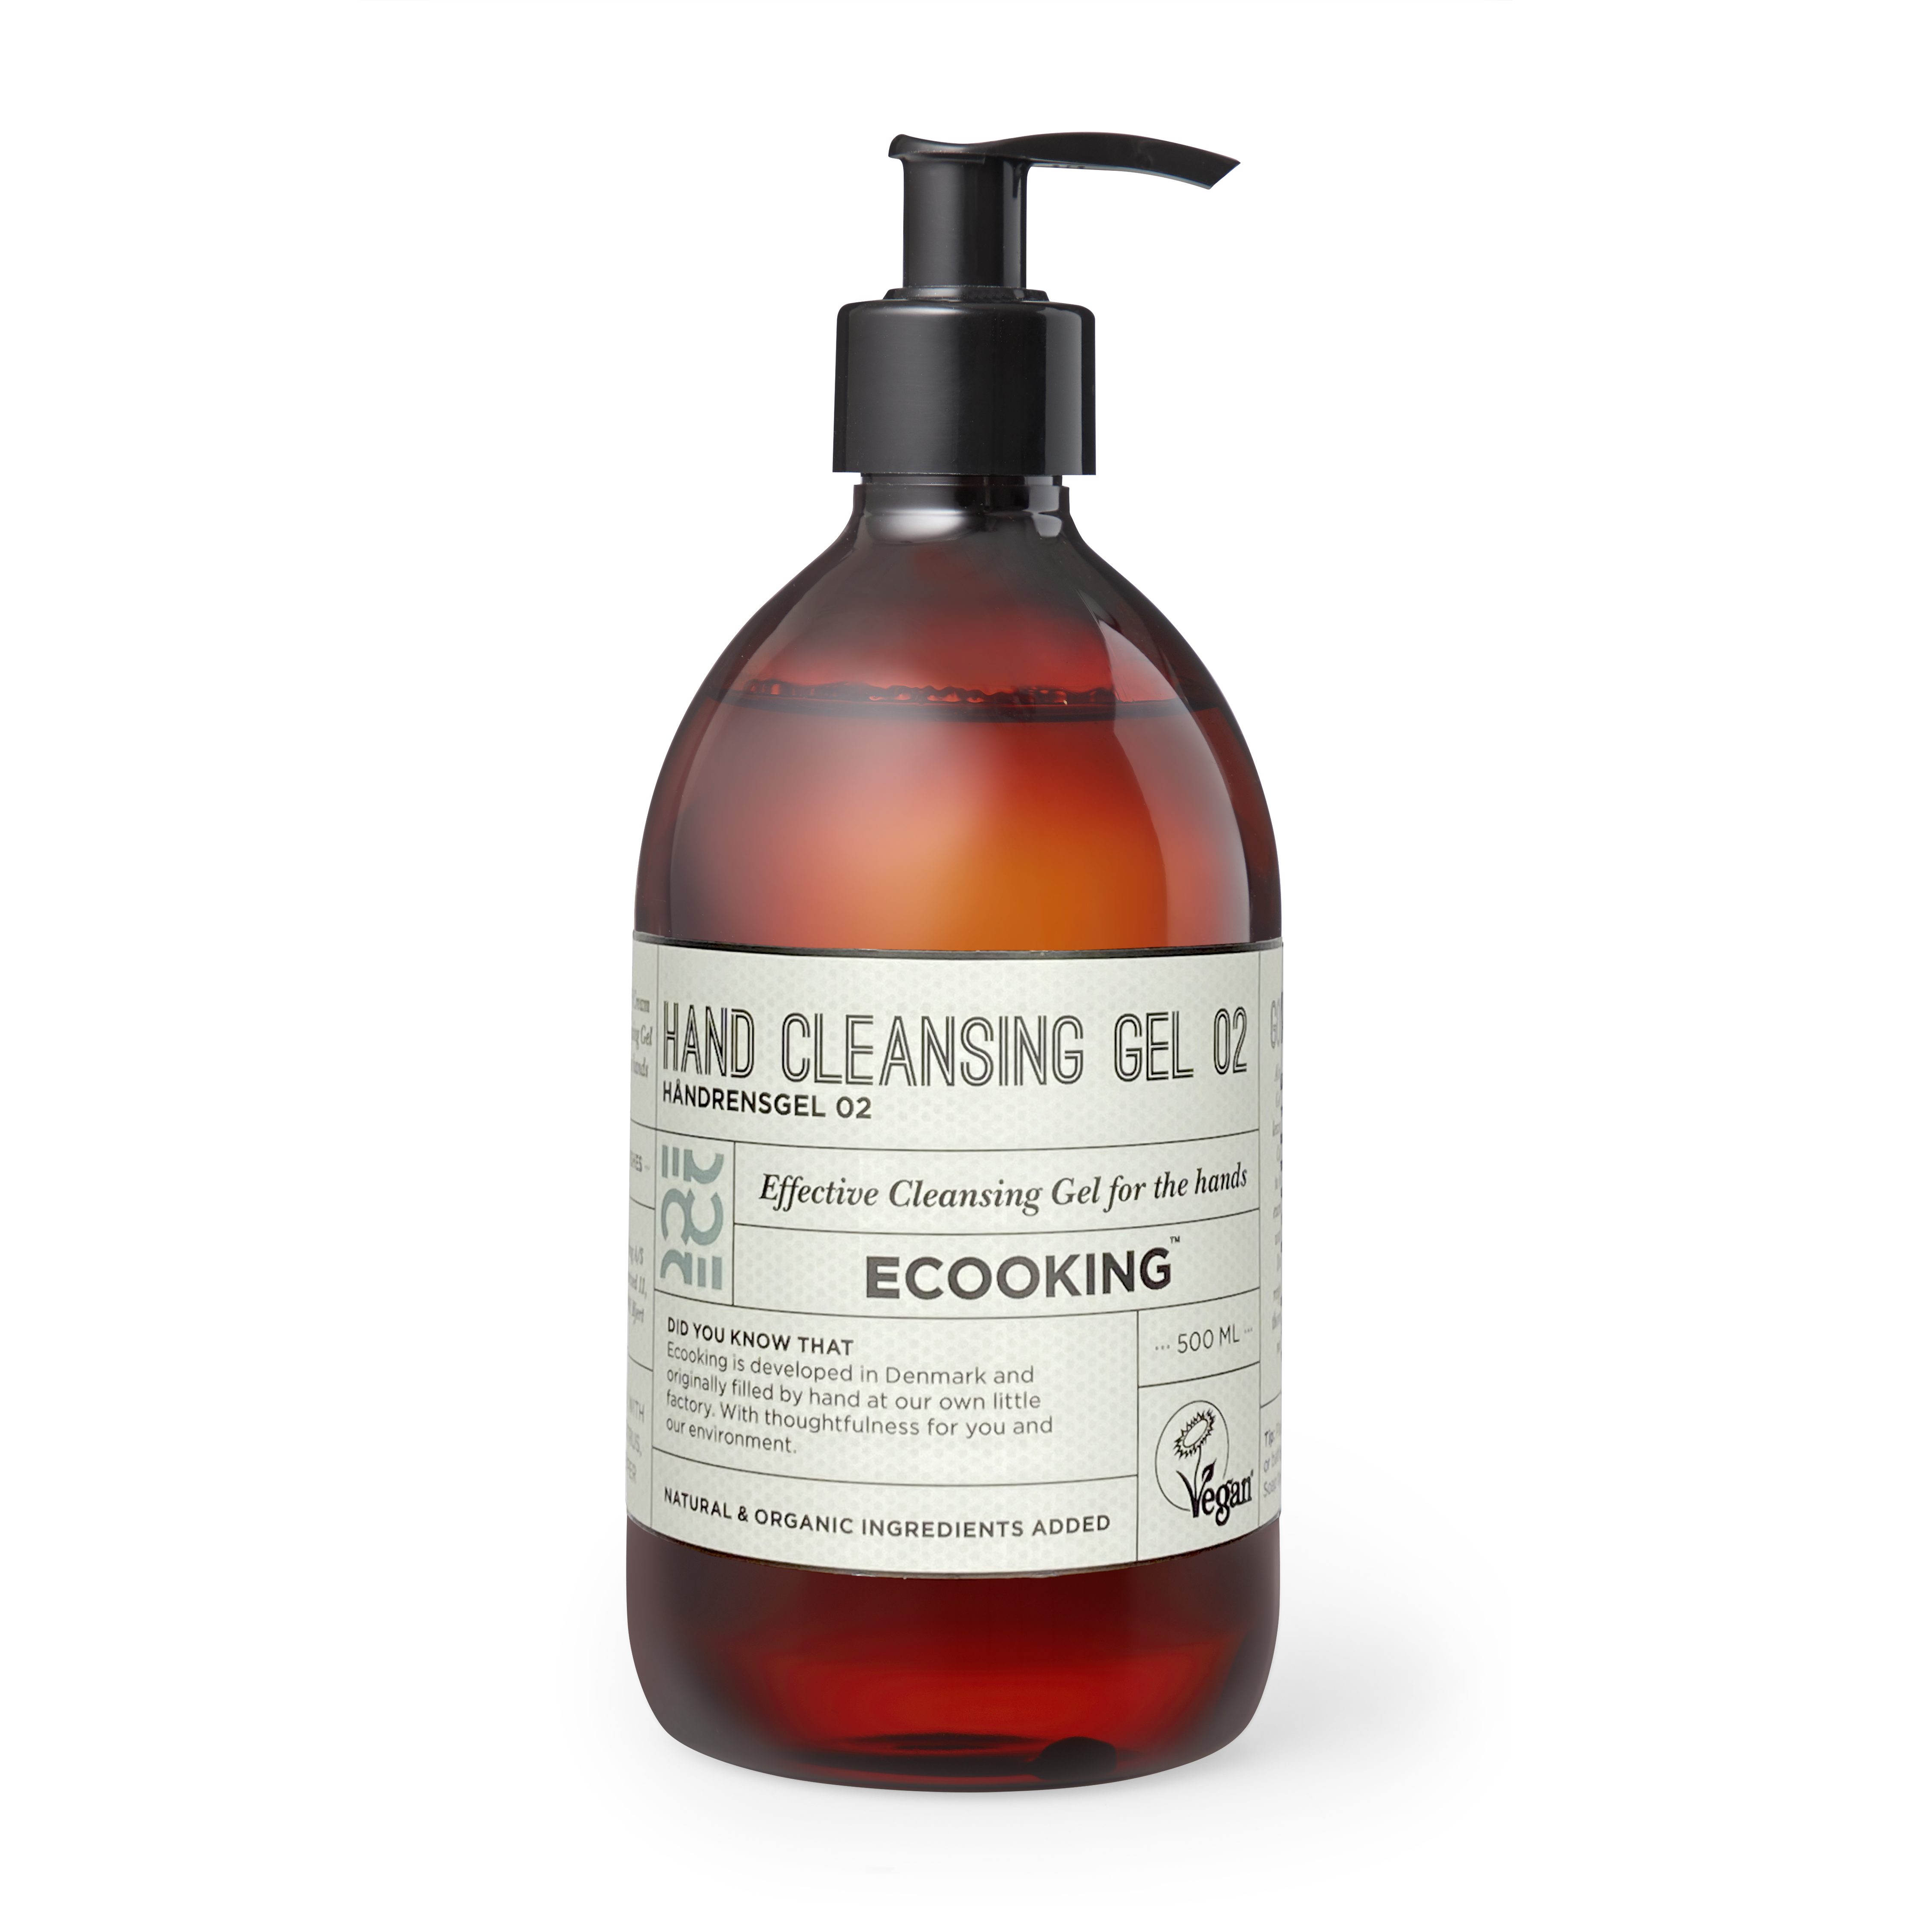 Ecooking - 60% Alkohol Handreinigungsgel 02 500 ml